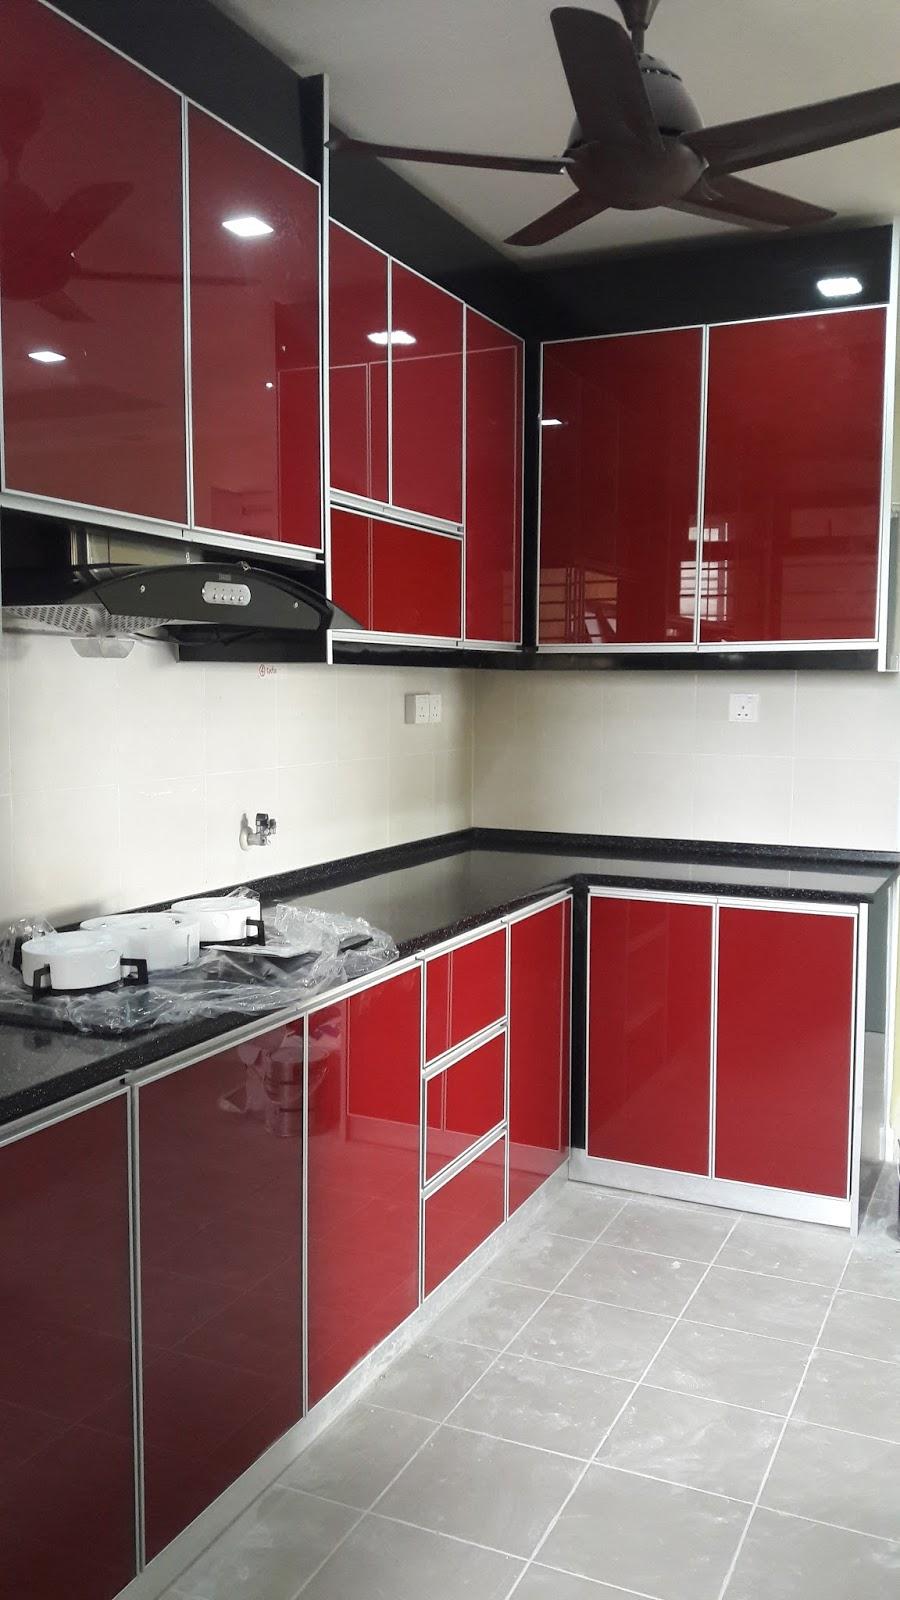 kabinet dapur terus dari kilang Kabinet dapur D  palma